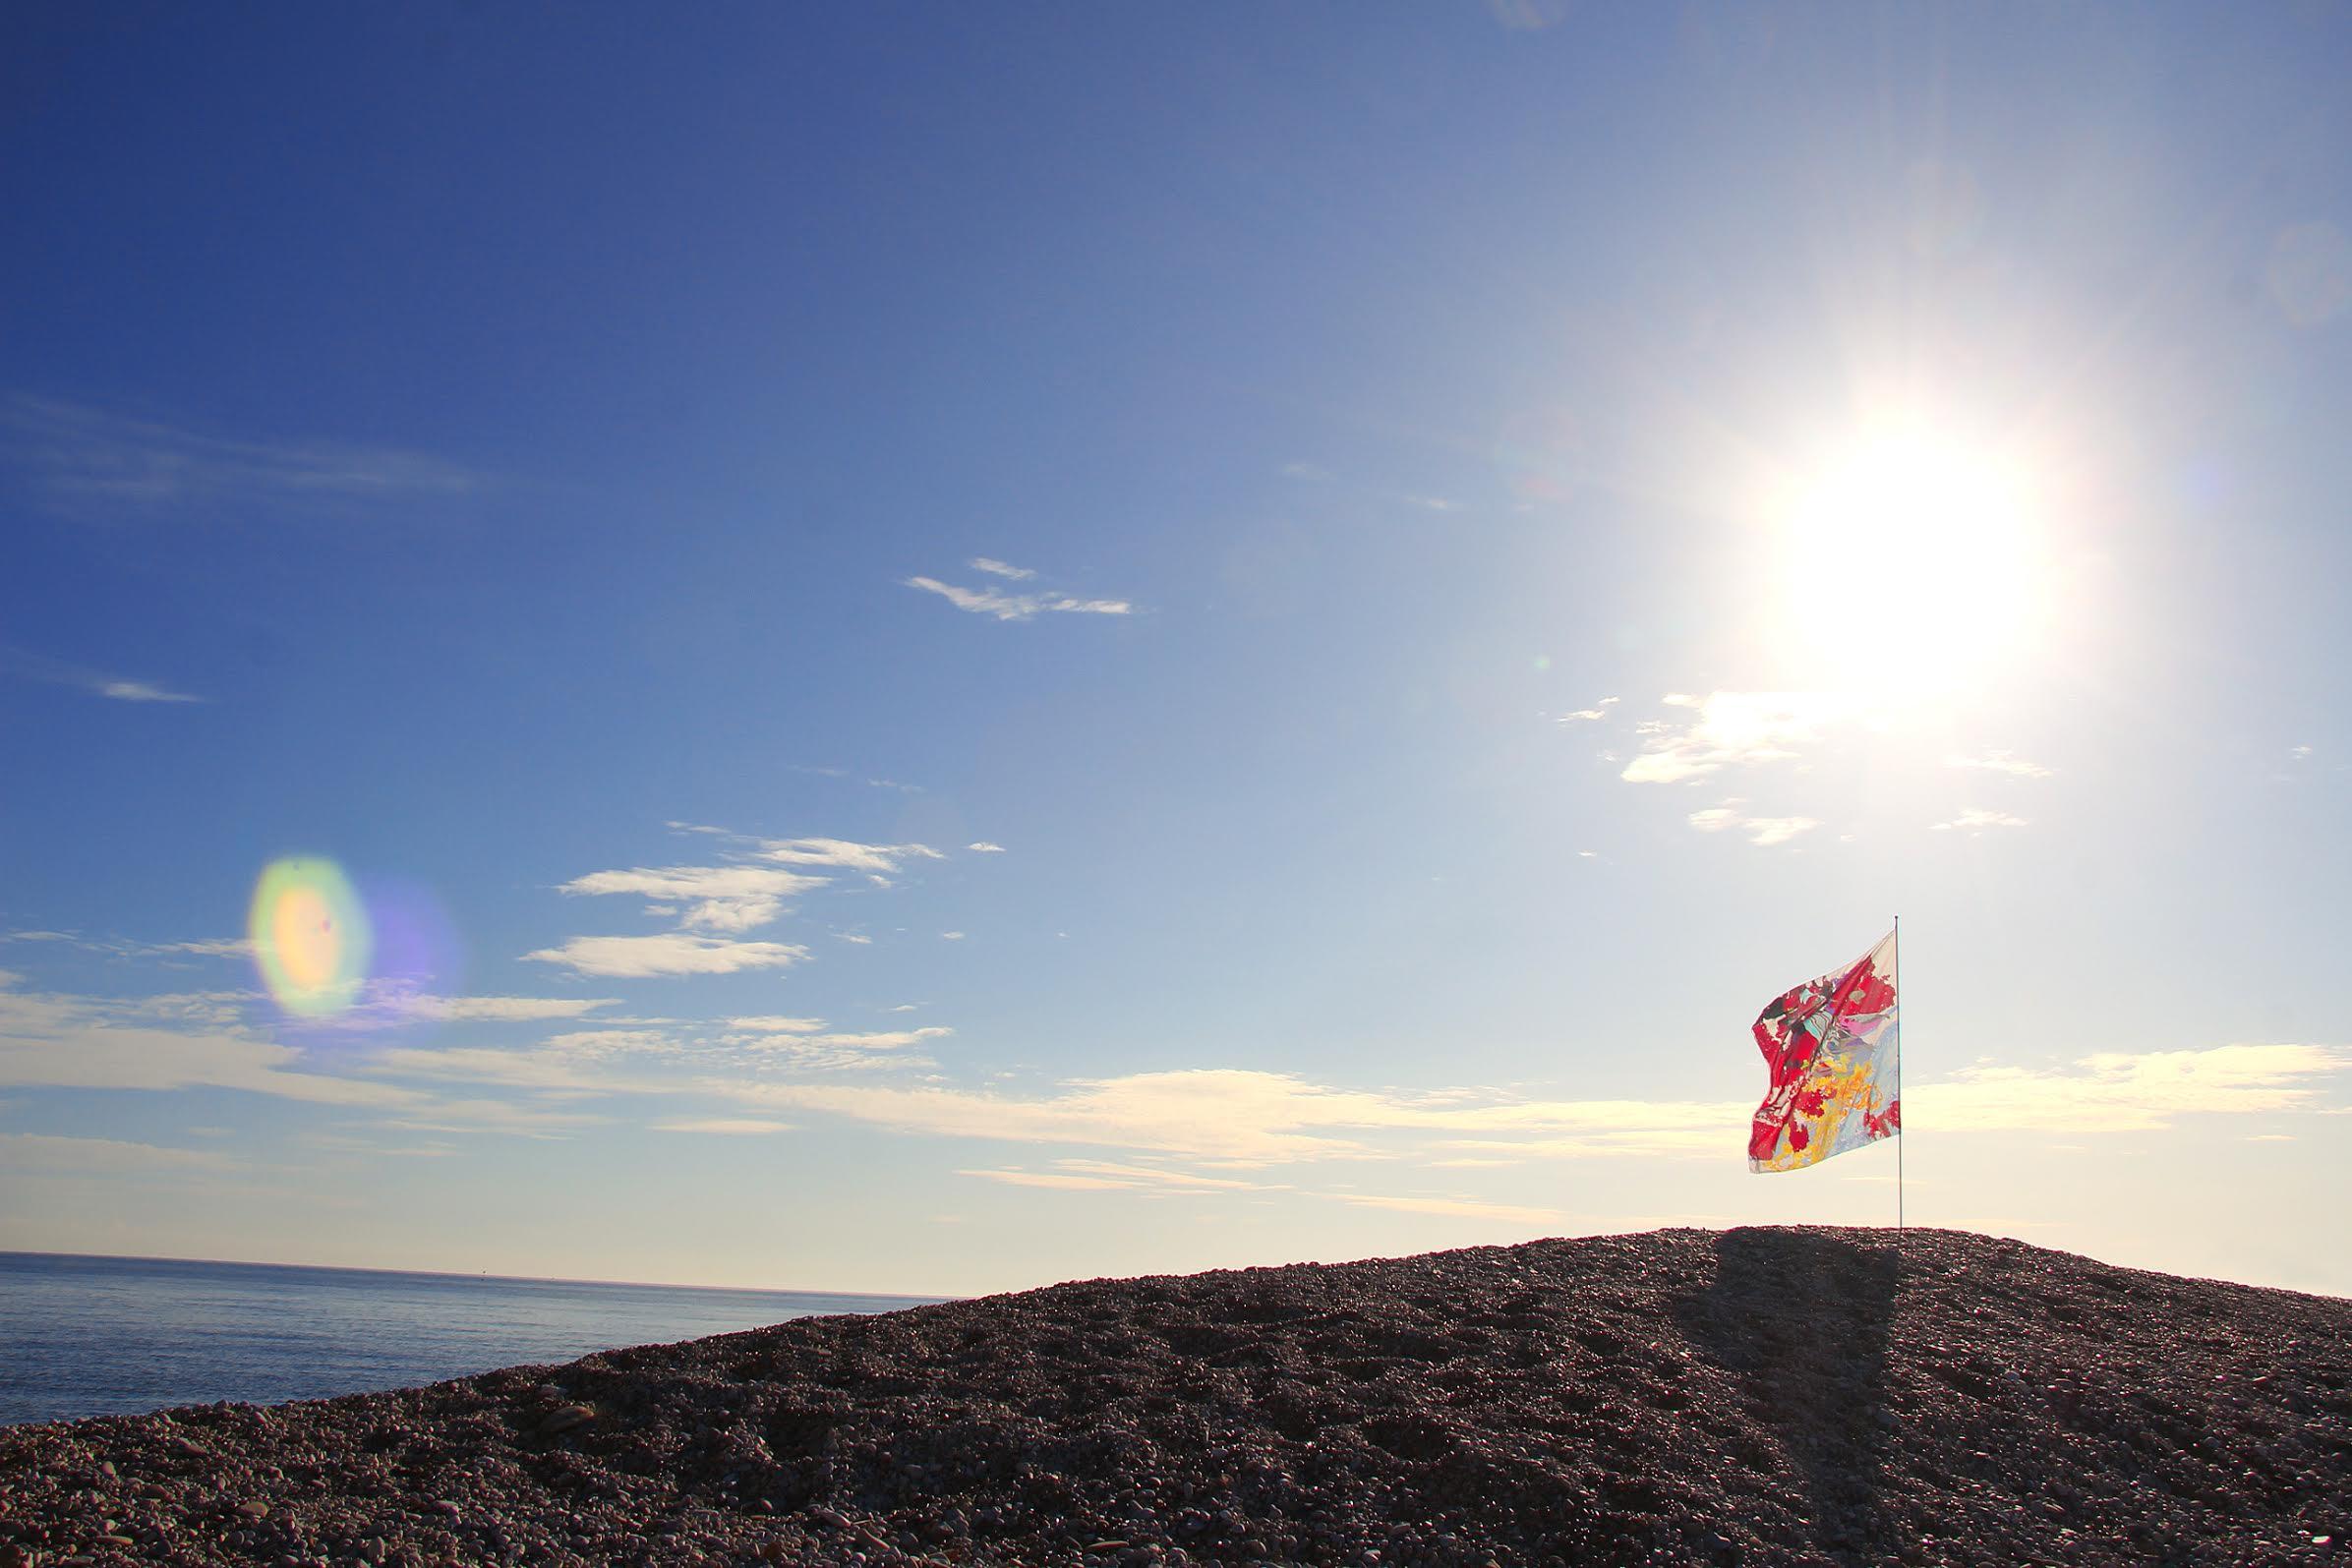 Mara as Muse - Storie di viaggiatori, territori e bandiere